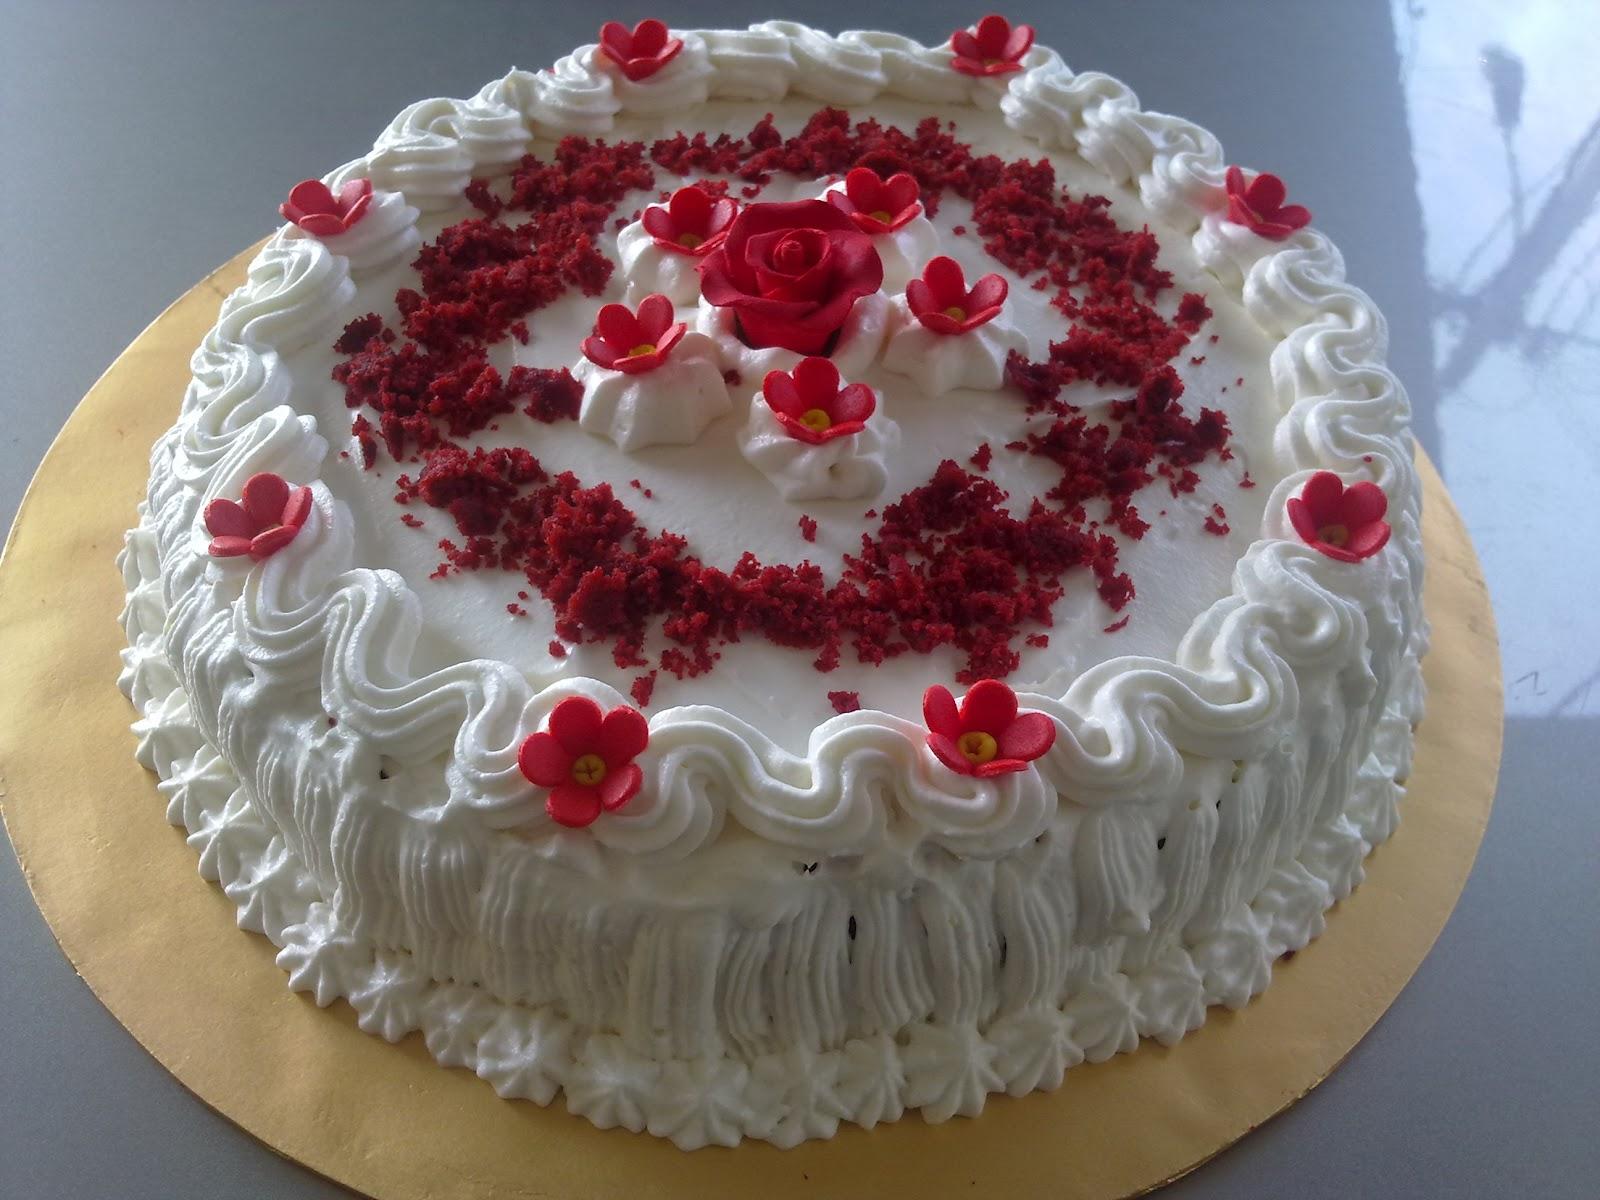 Cake Decorating Ideas Red Velvet : Red Velvet Birthday Cake Decorations ~ Image Inspiration ...